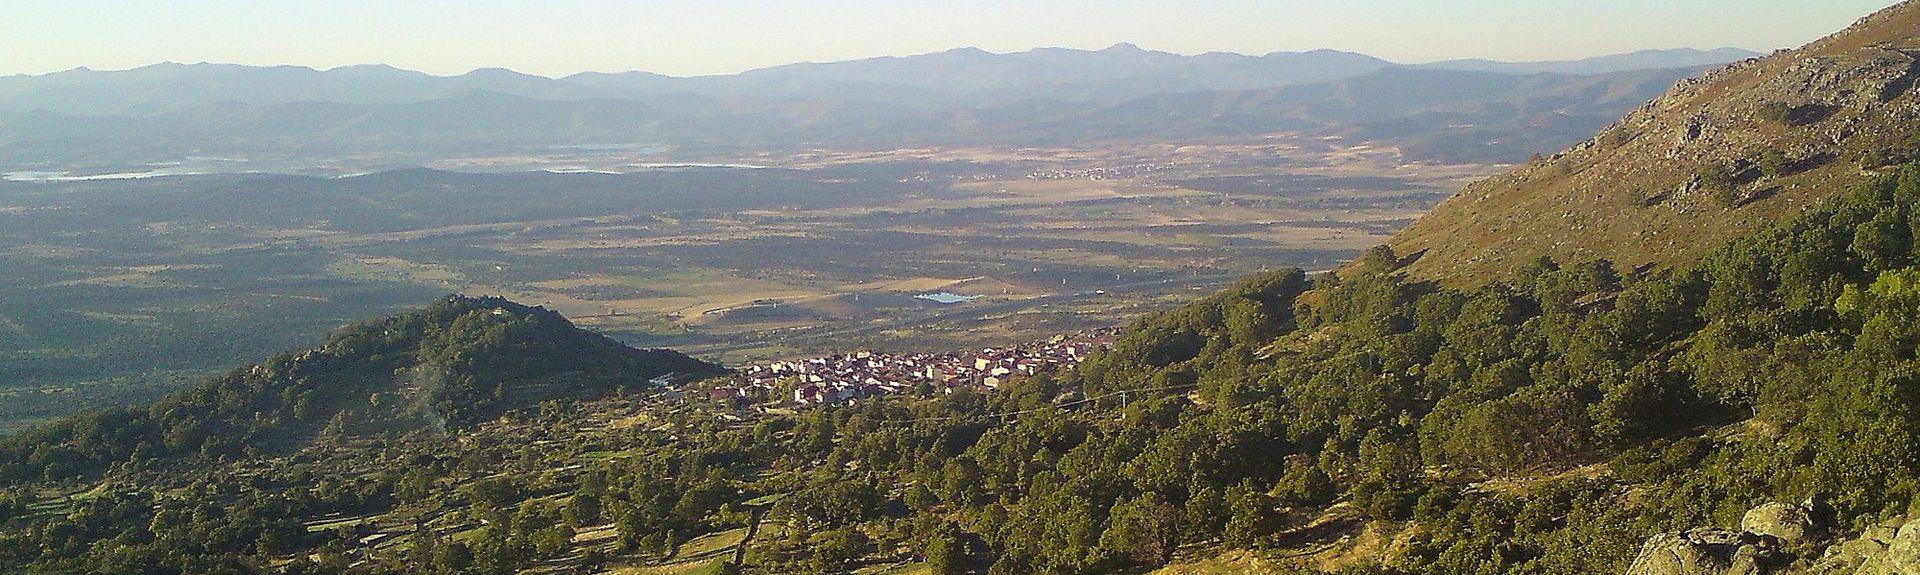 Casas del Monte, Extremadura, España